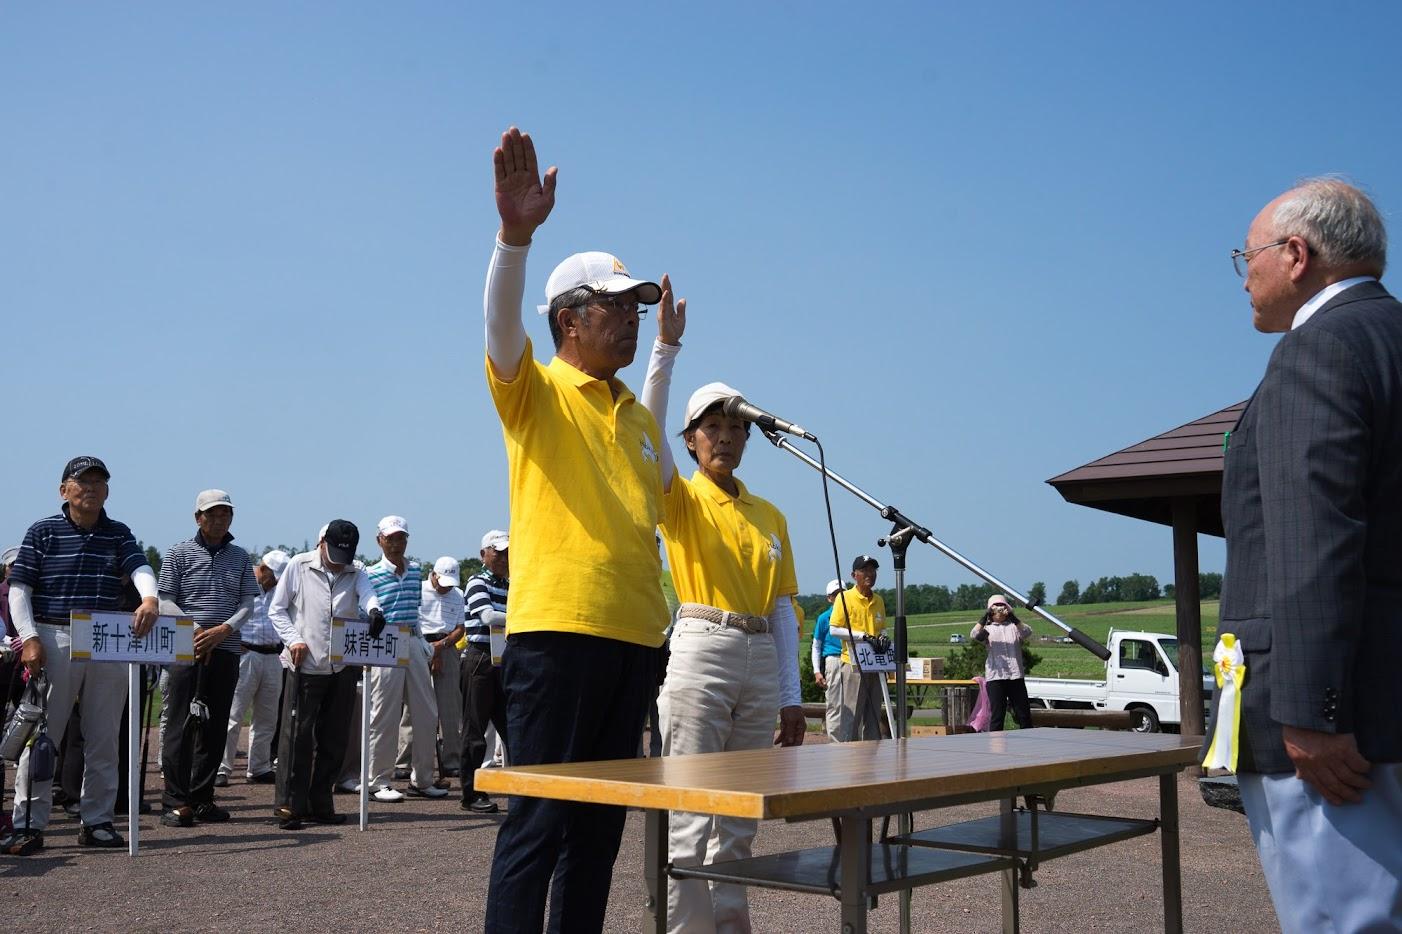 北竜町チームの伊藤勝造さんと四辻明子さんによる選手宣誓